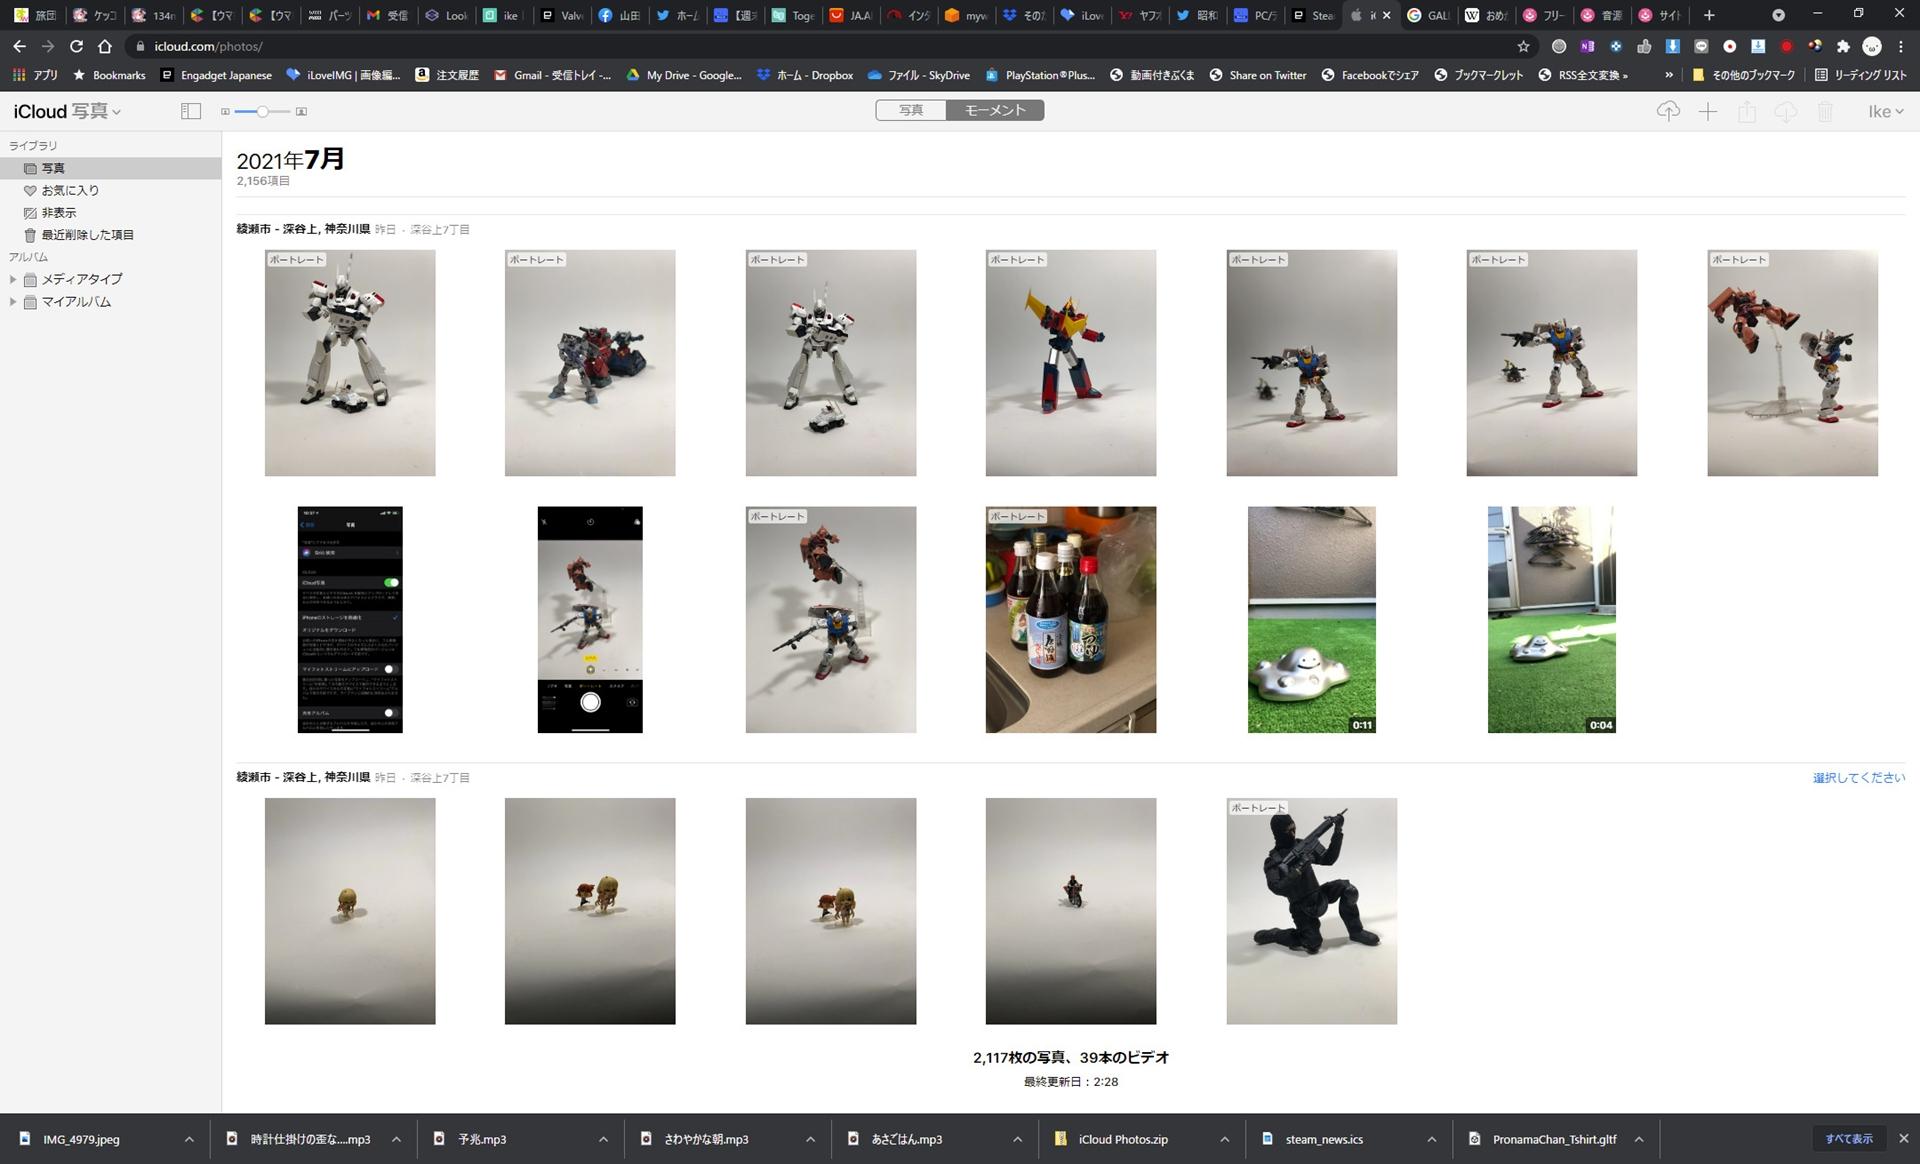 クラウドサービスなどを使用してPCに撮影した画像を転送する。AppleのiCloudを使う場合、ポートレートモードで撮影した画像には注釈がついているので判断がしやすいので助かる